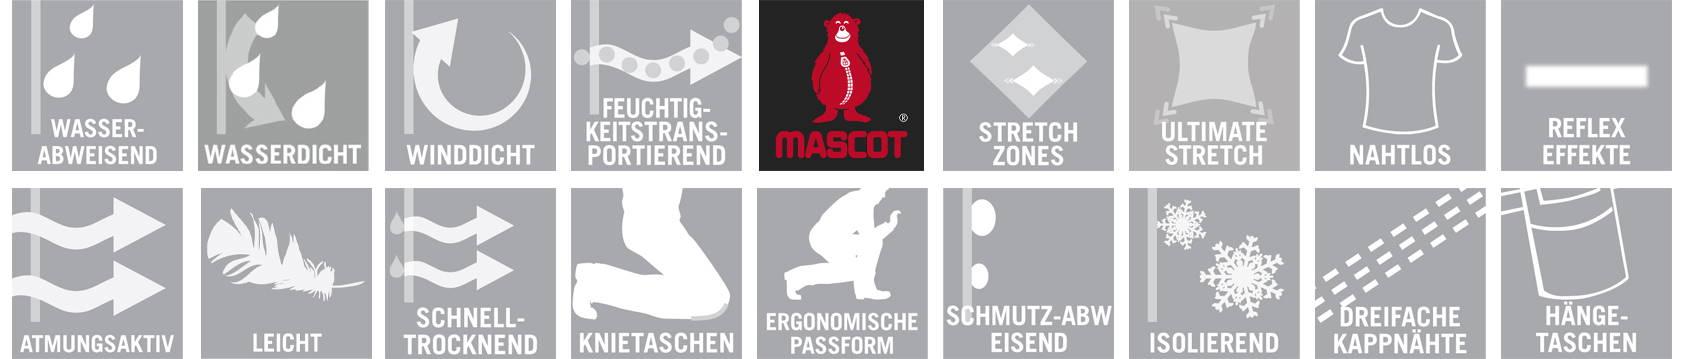 Mascot Icons | Arbeitskleidung, Workwear, Hygienemasken und Werbeartikel bei ZEGO in Aschaffenburg